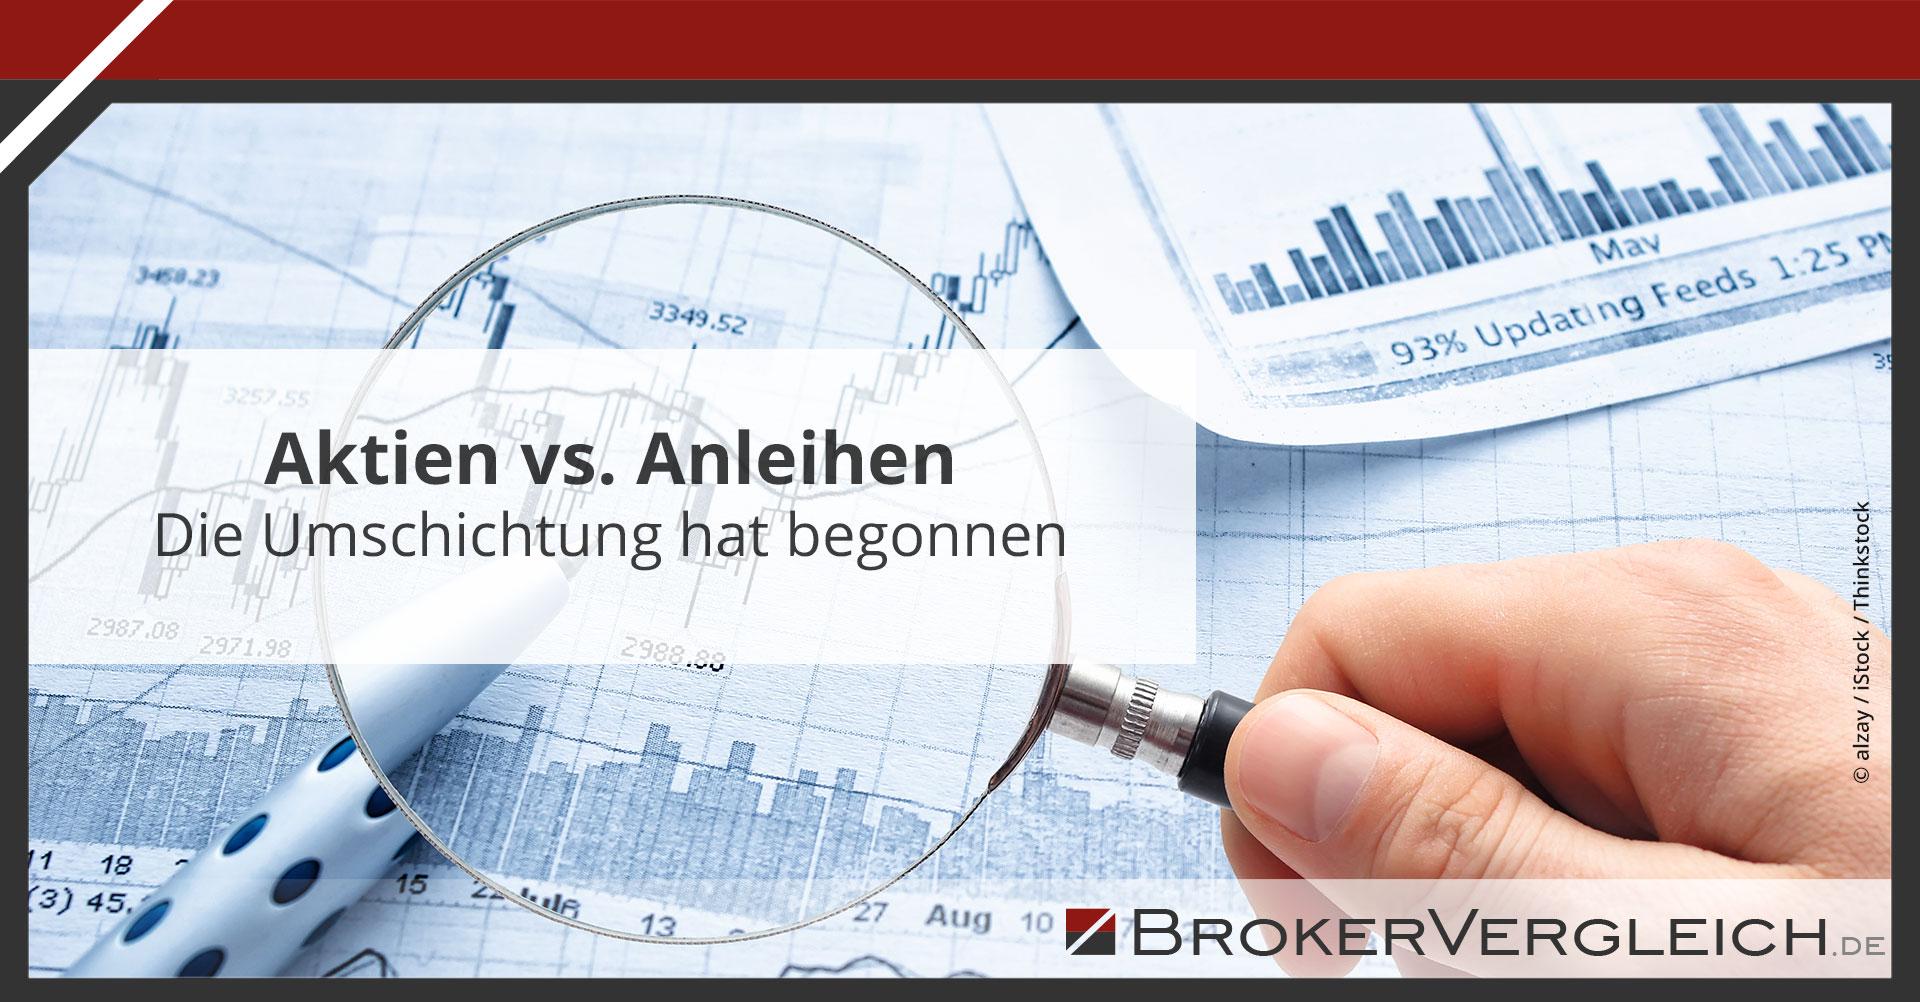 Zum Beitrag - Aktien vs. Anleihen: Die Umschichtung hat begonnen